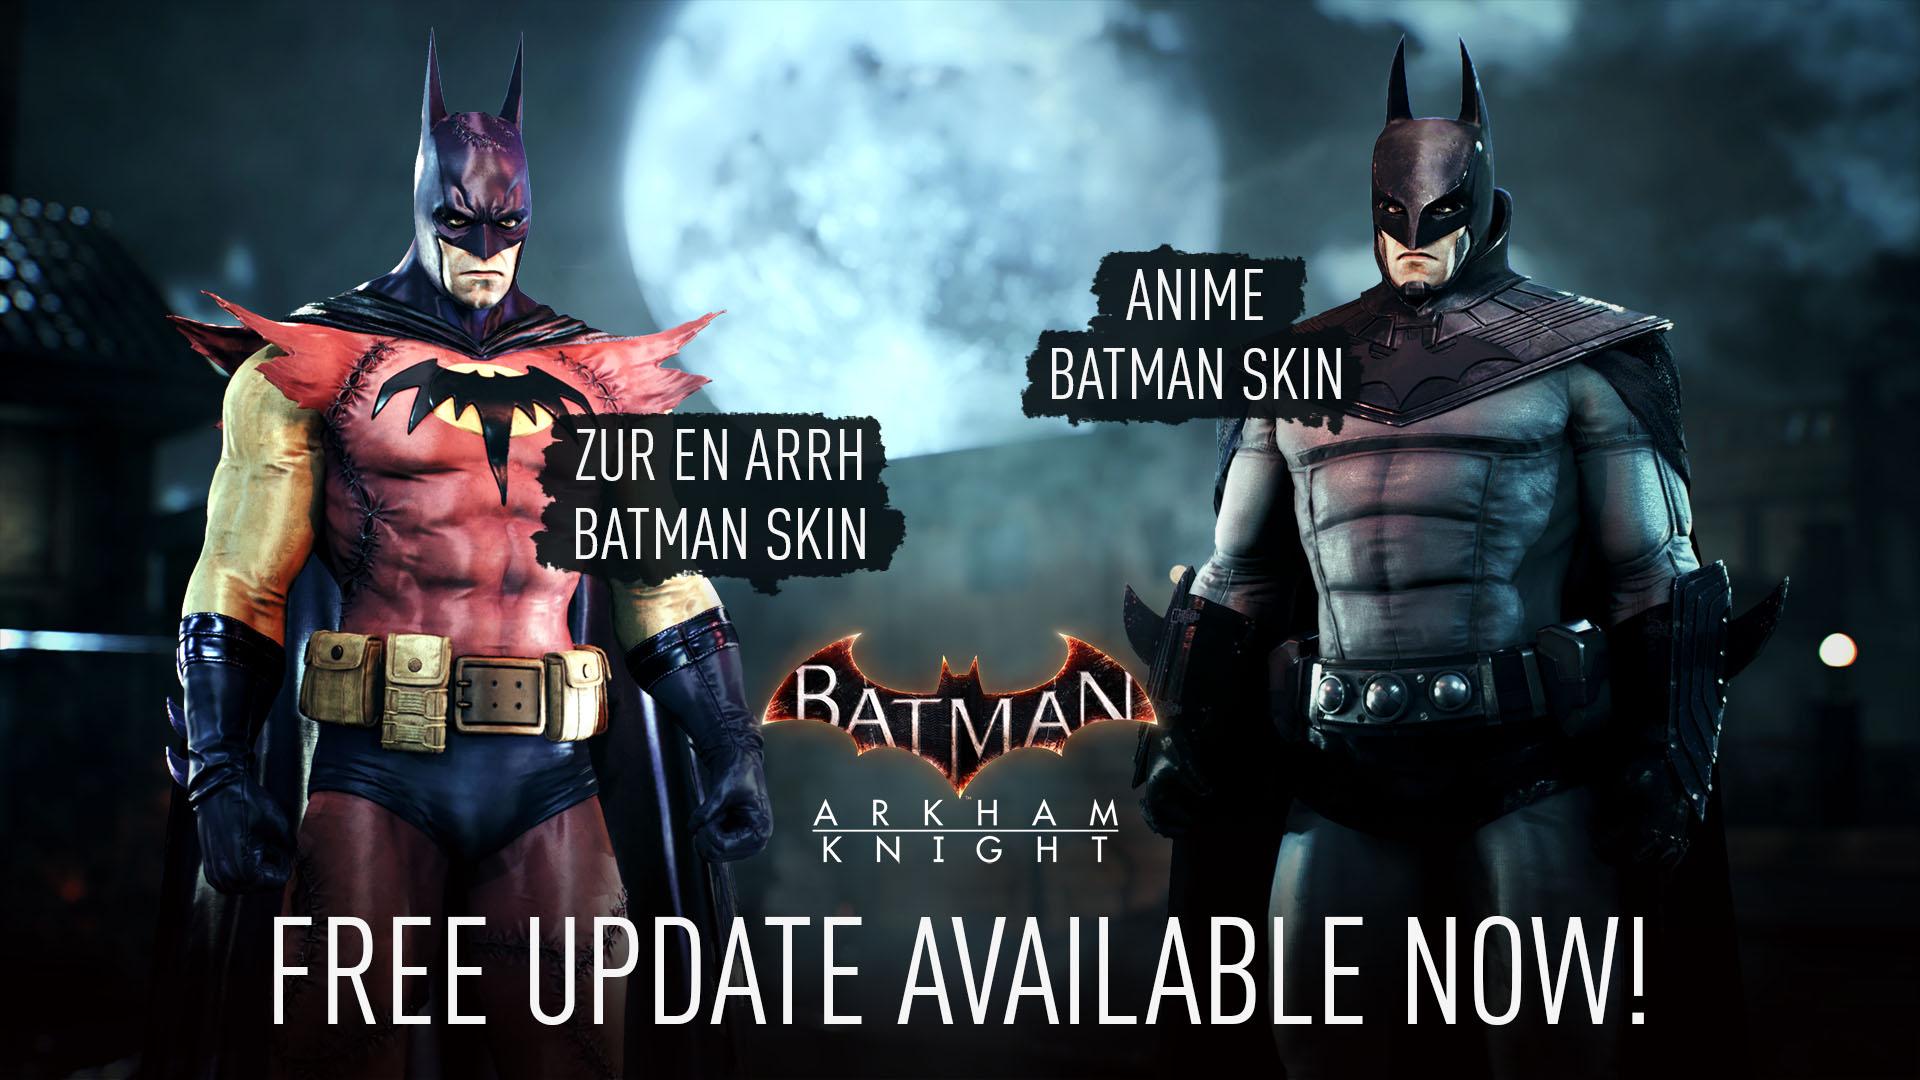 《蝙蝠侠:阿卡姆骑士》Steam版移除D加密 新增两个免费皮肤